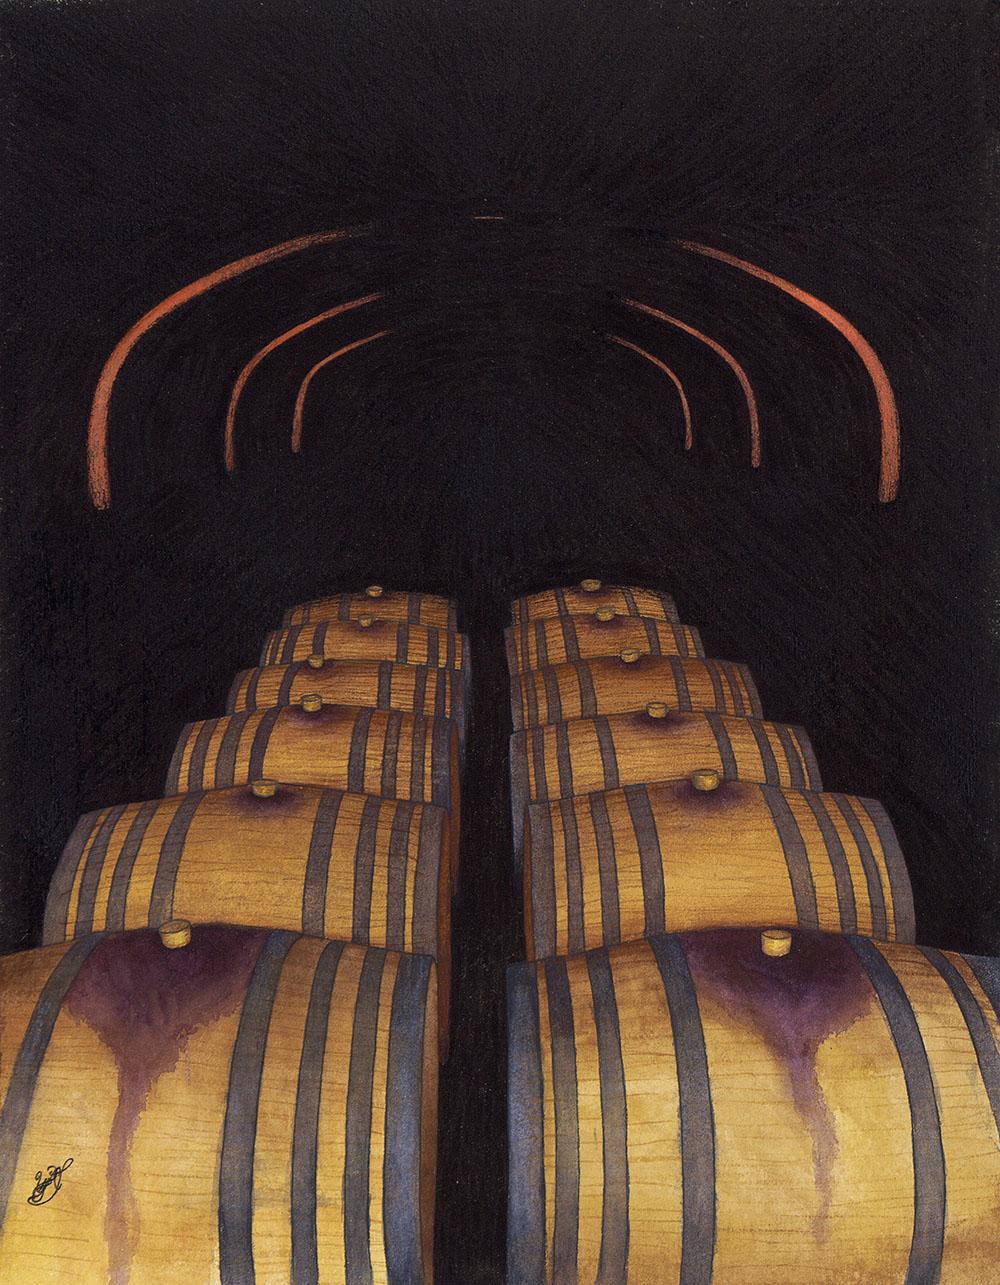 La Cave du Vin, Domaine Citadelle (Watercolor)